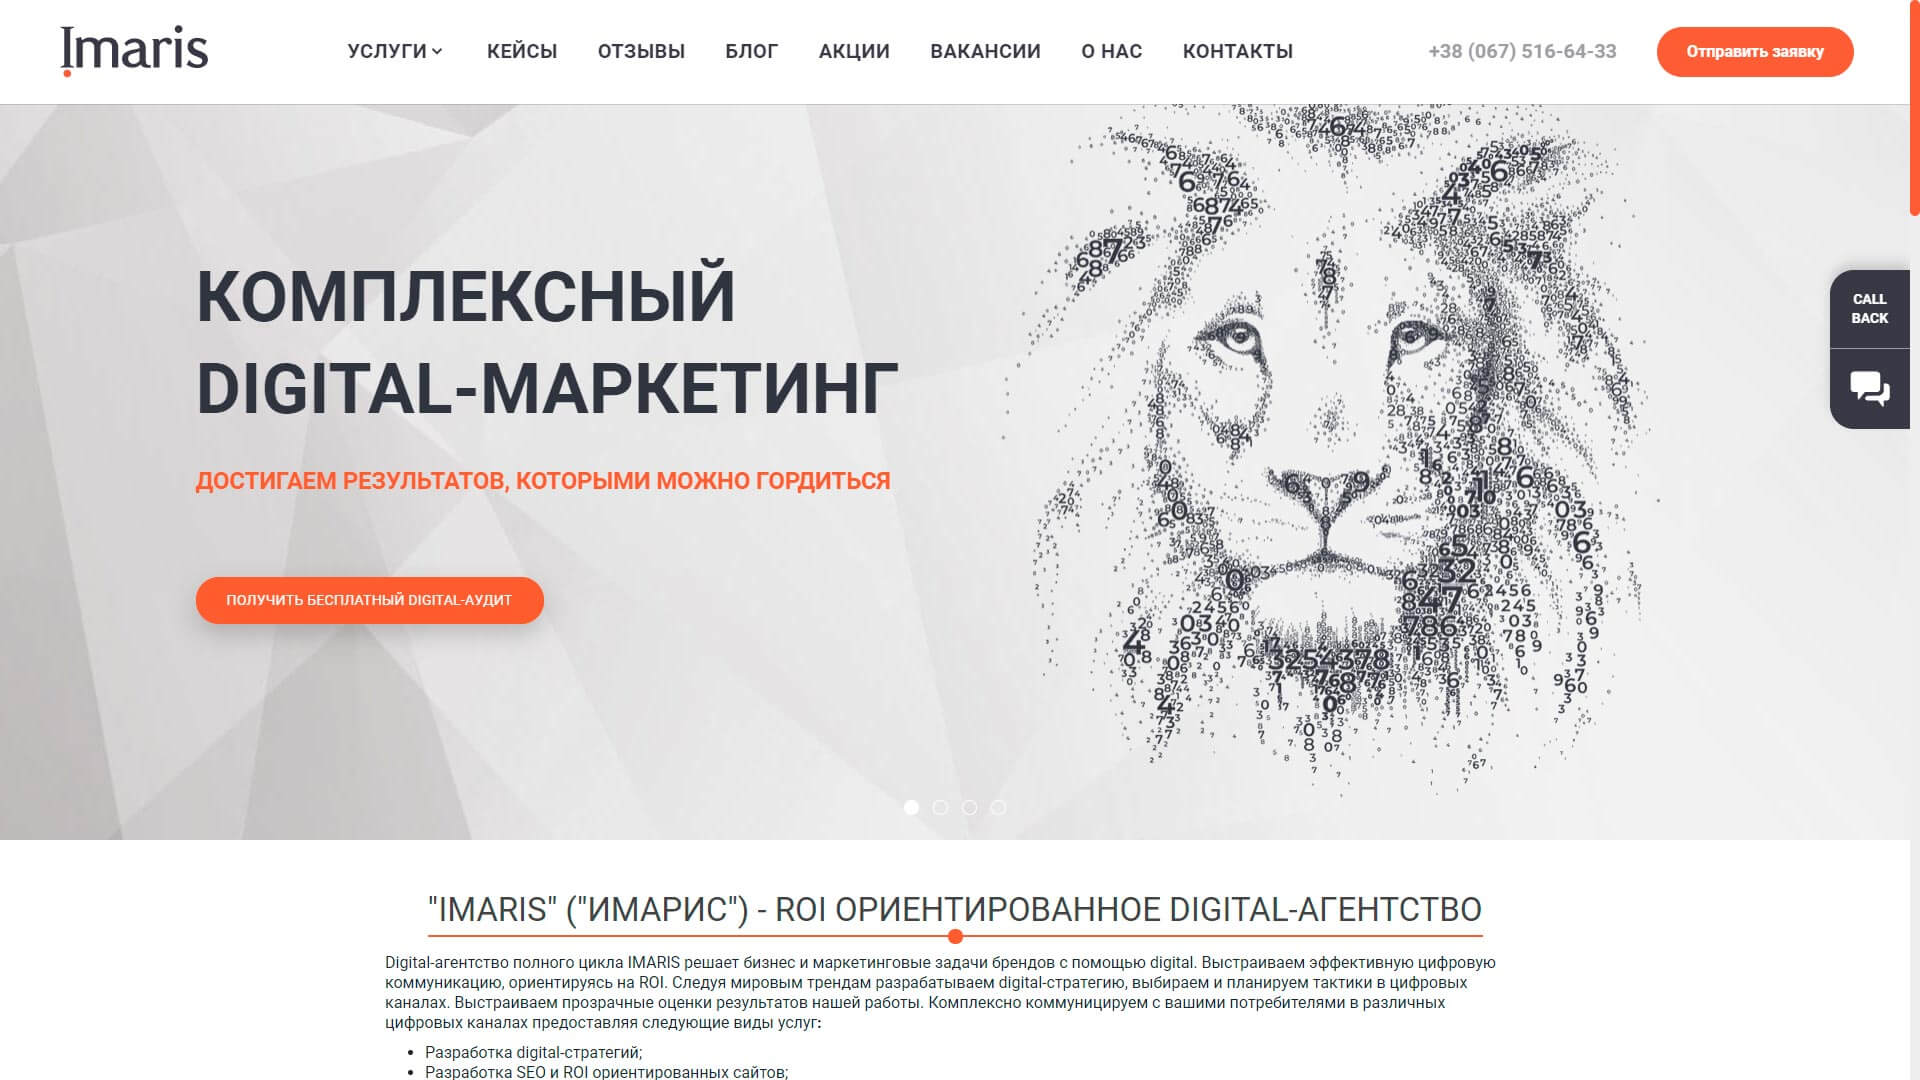 Imaris - обзор компании, услуги, отзывы, клиенты   Google SEO, Фото № 1 - google-seo.pro